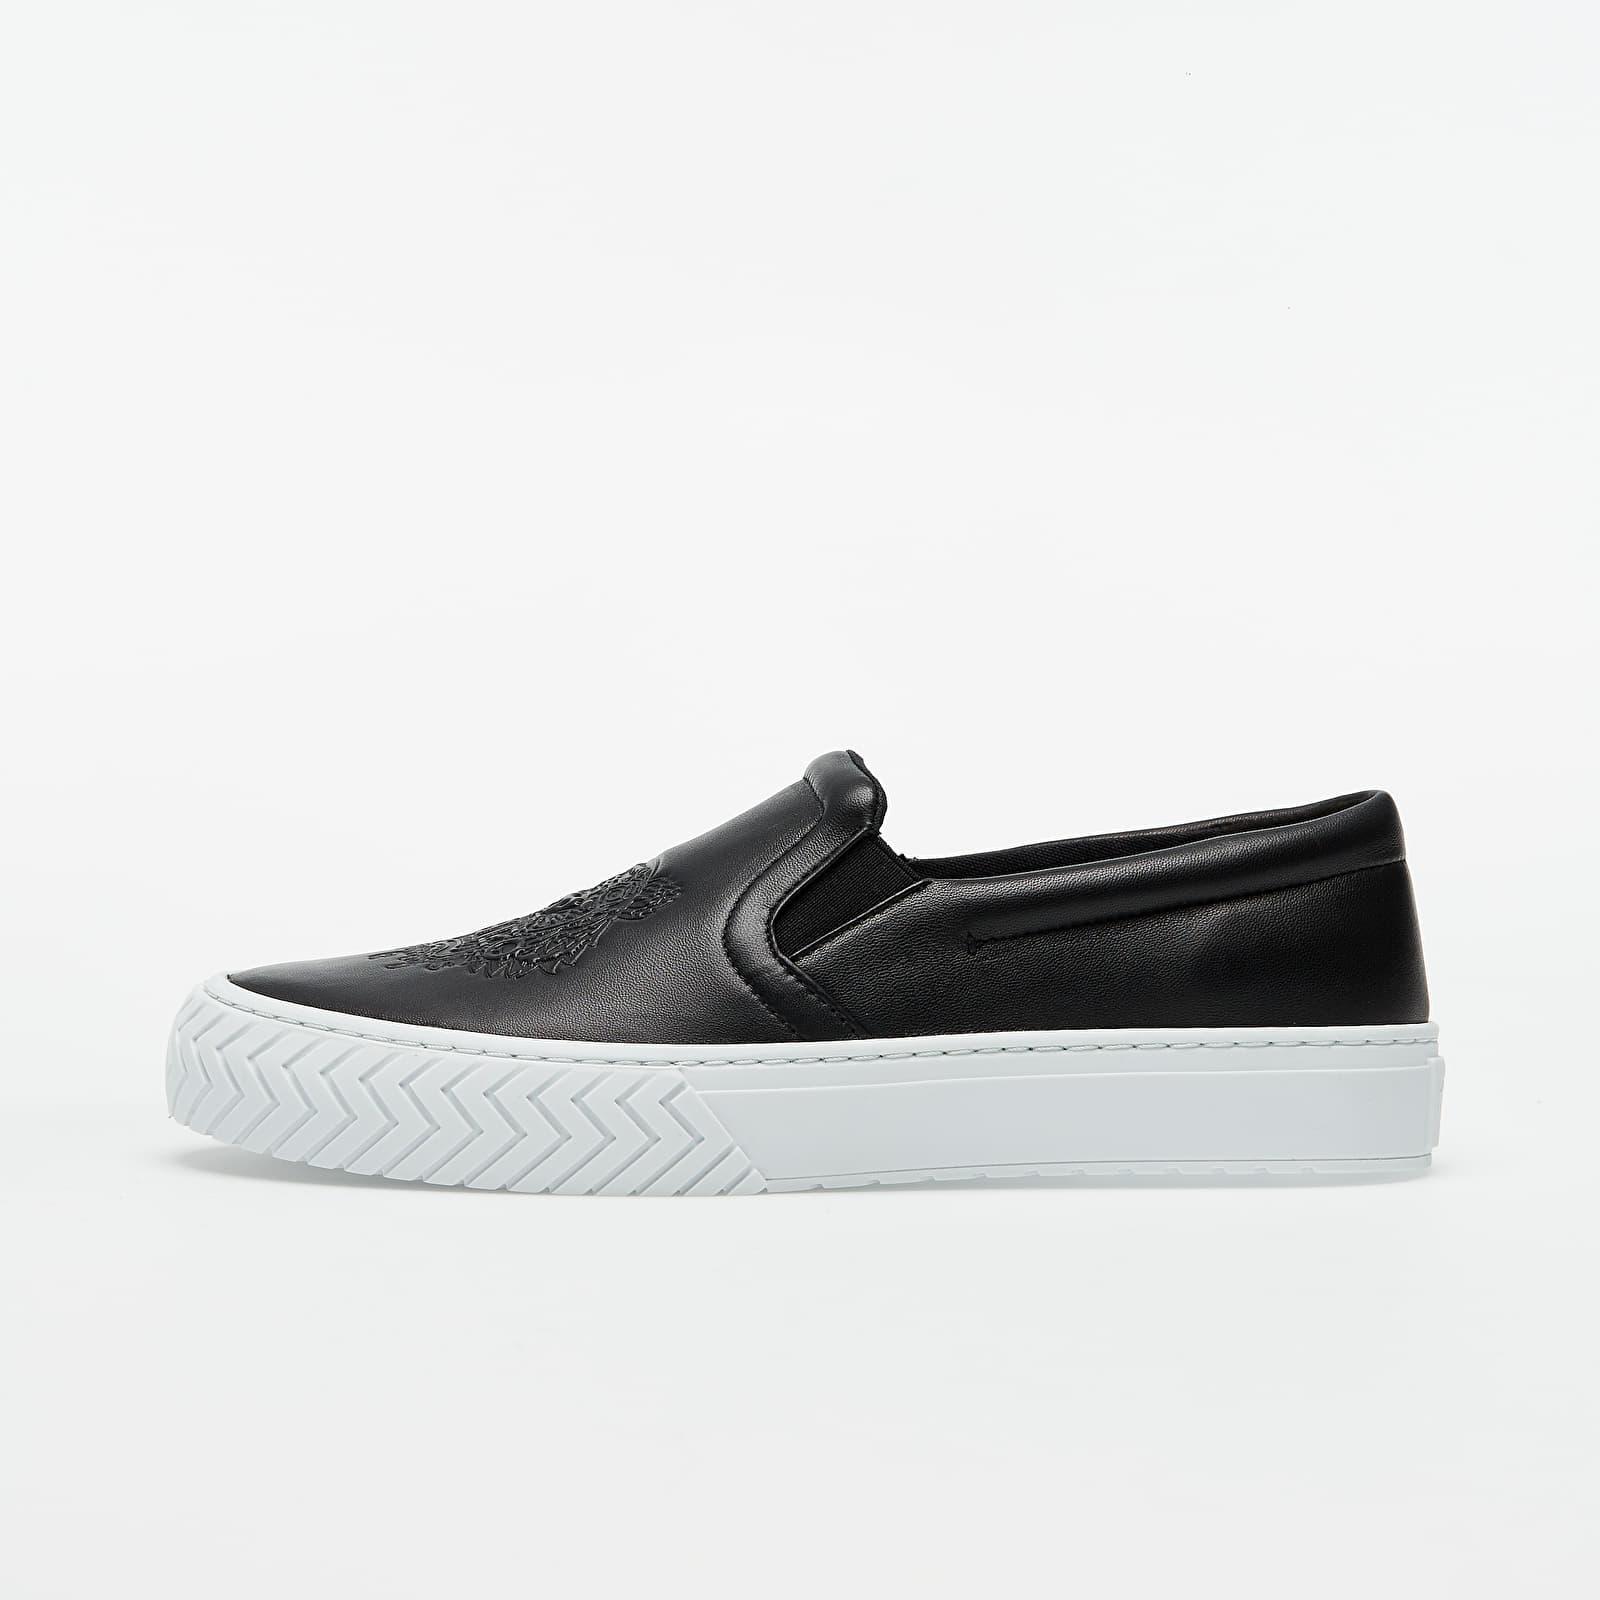 KENZO Slip-on sneaker Black FA62SN200L73.99